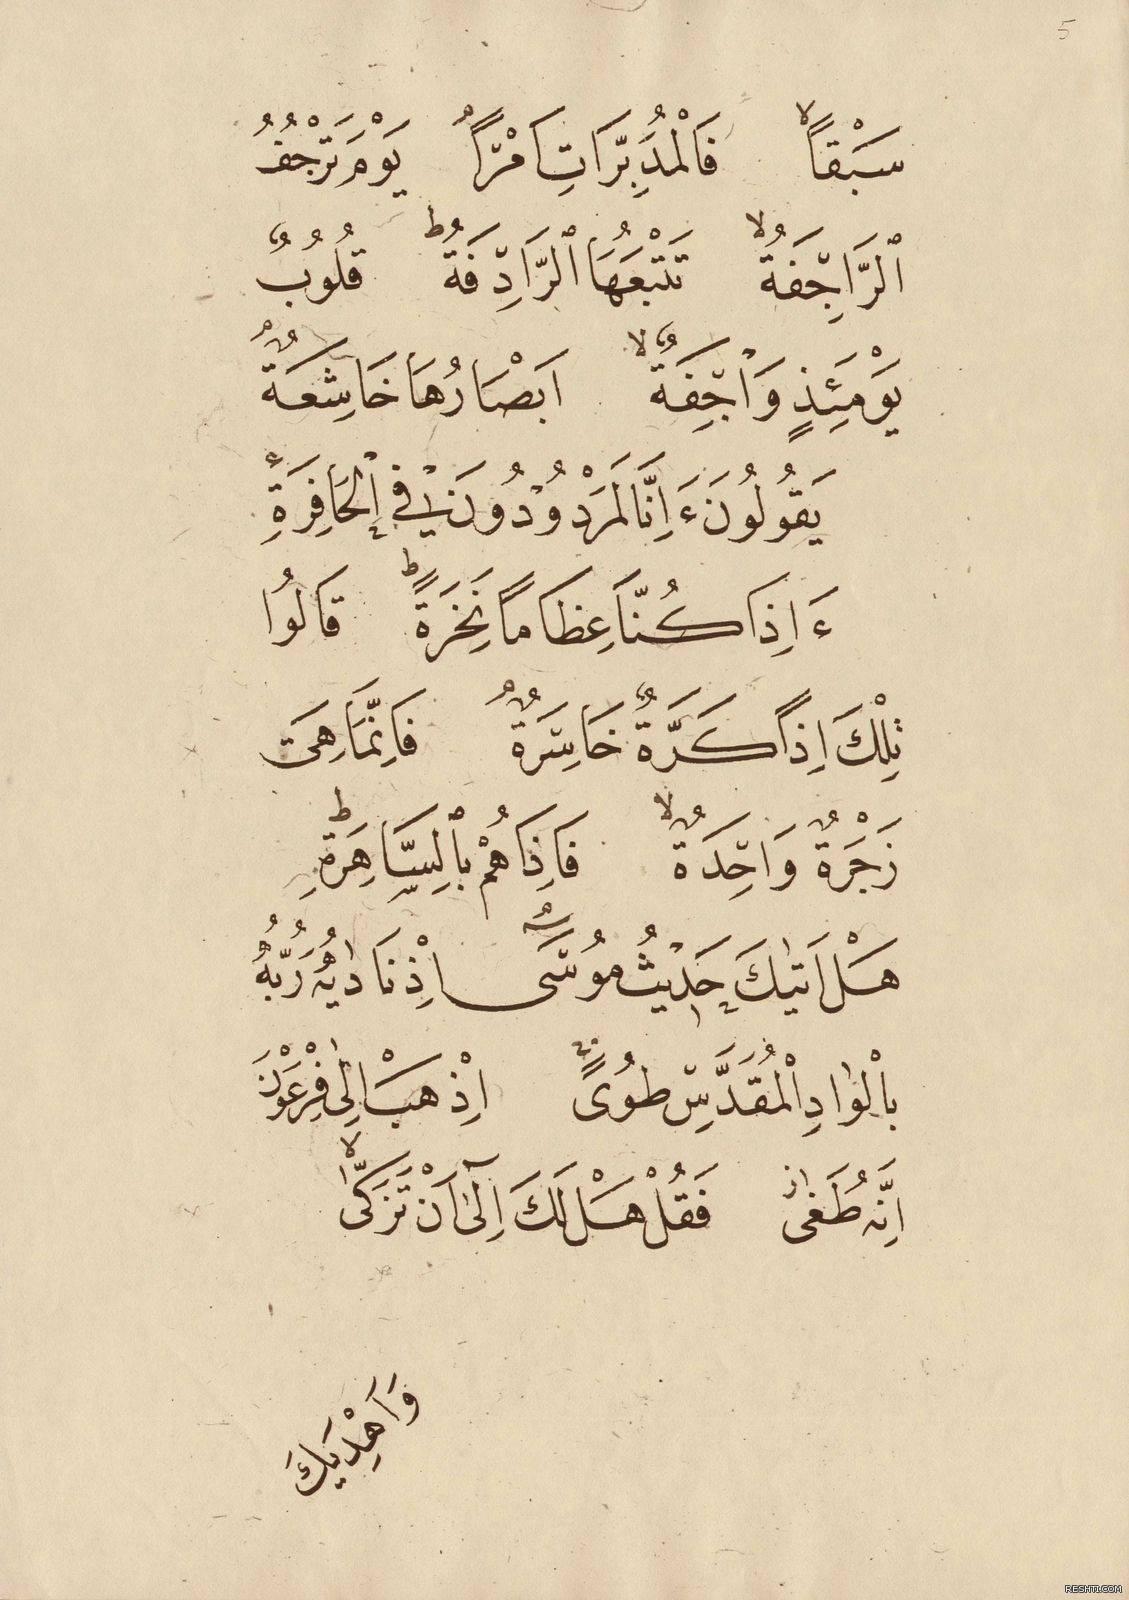 جزء عم بخط محمد شوقي 10